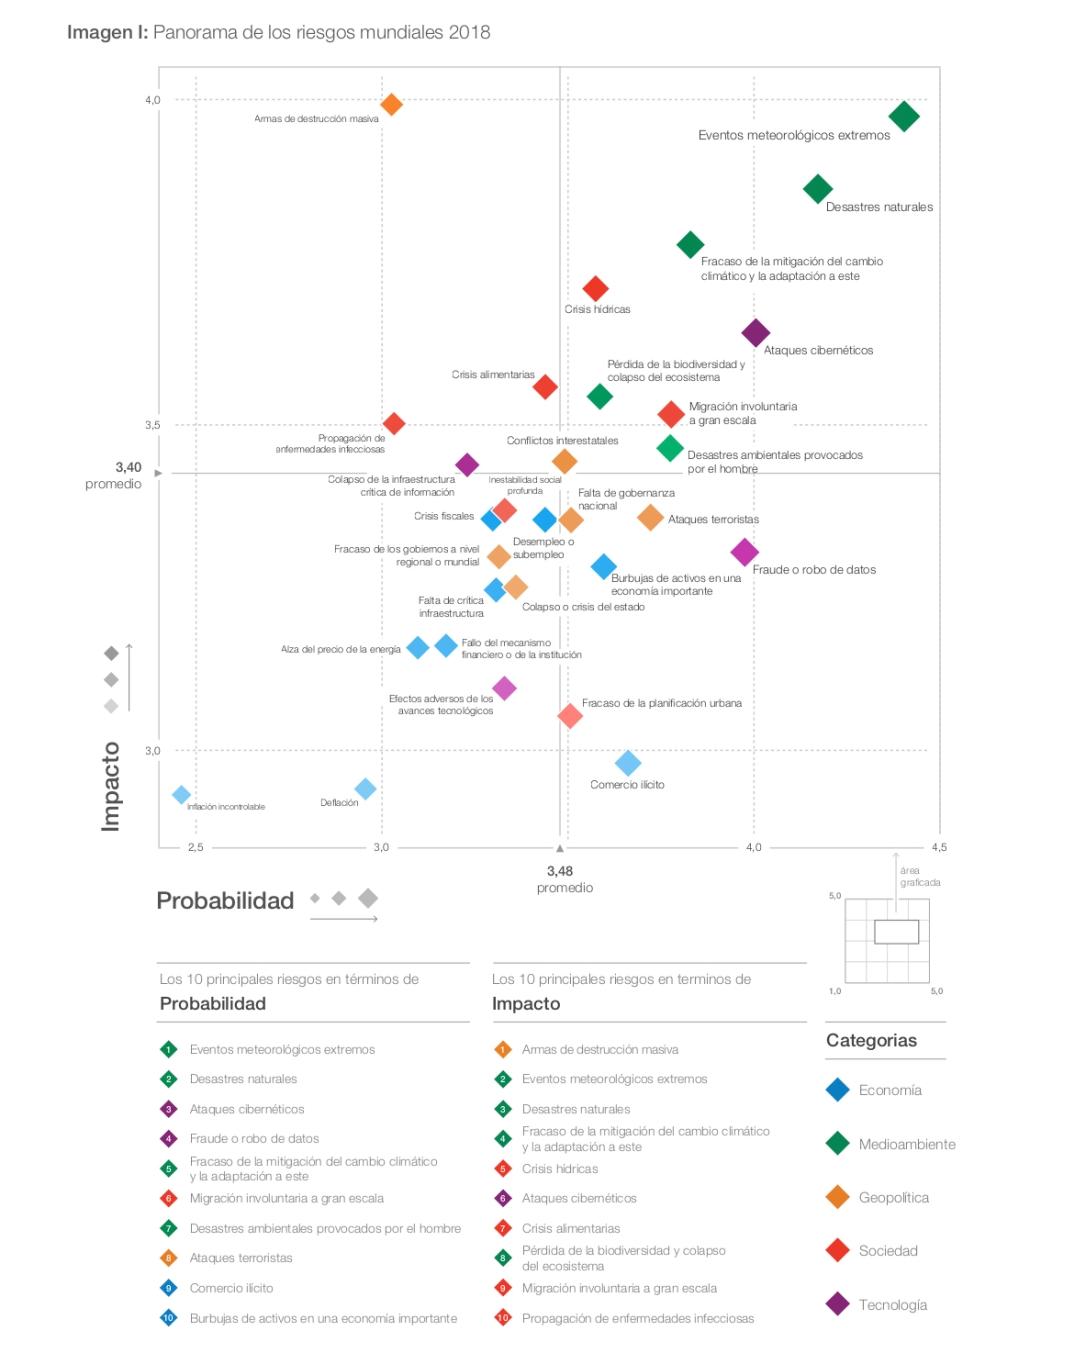 Informe de riesgos mundiales 2018 13.a edición-1.jpg